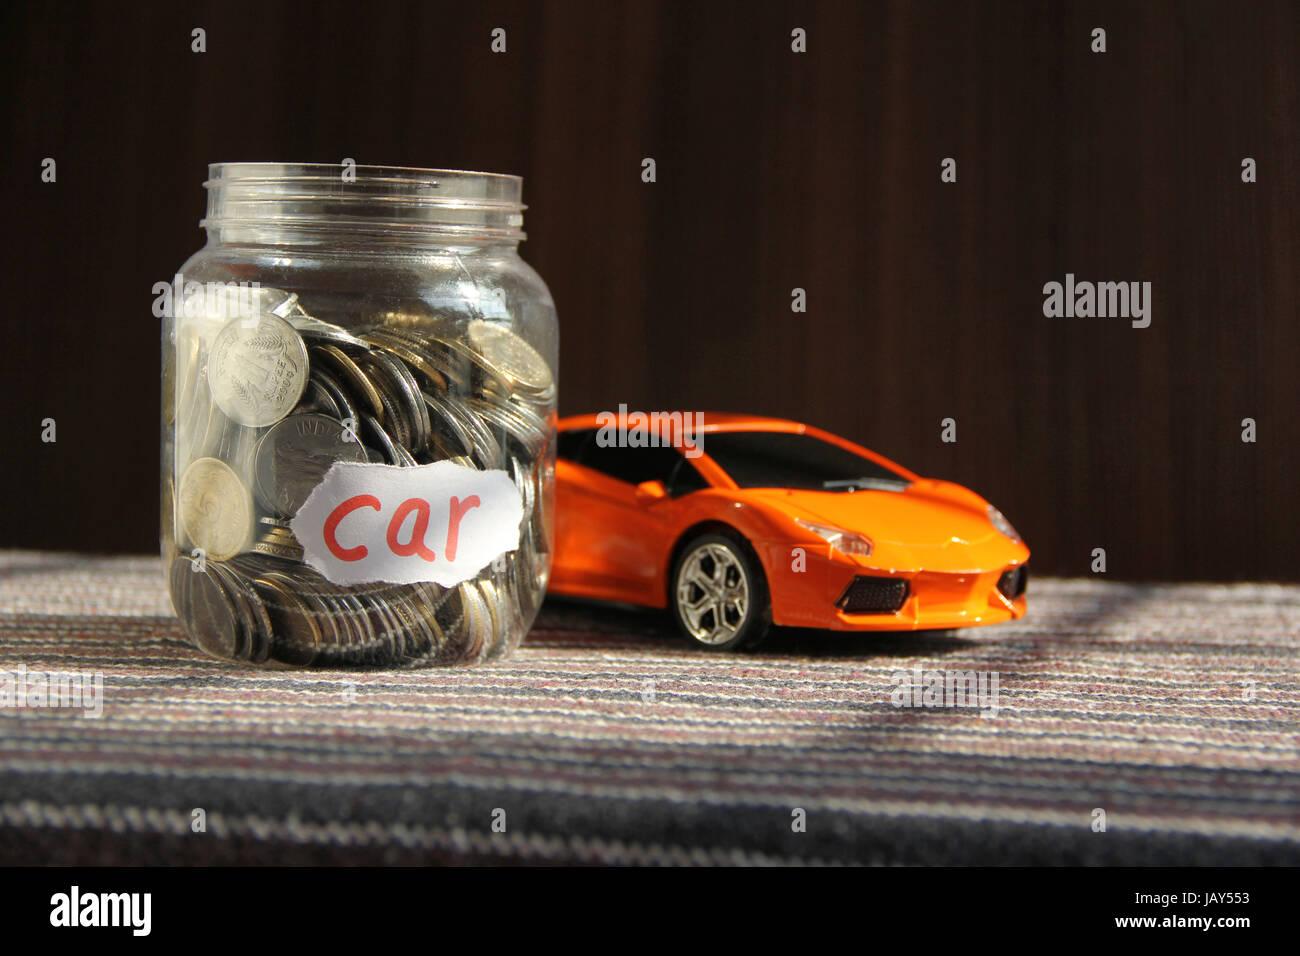 Monete in denaro jar con etichetta AUTO, il concetto di finanziamento Immagini Stock